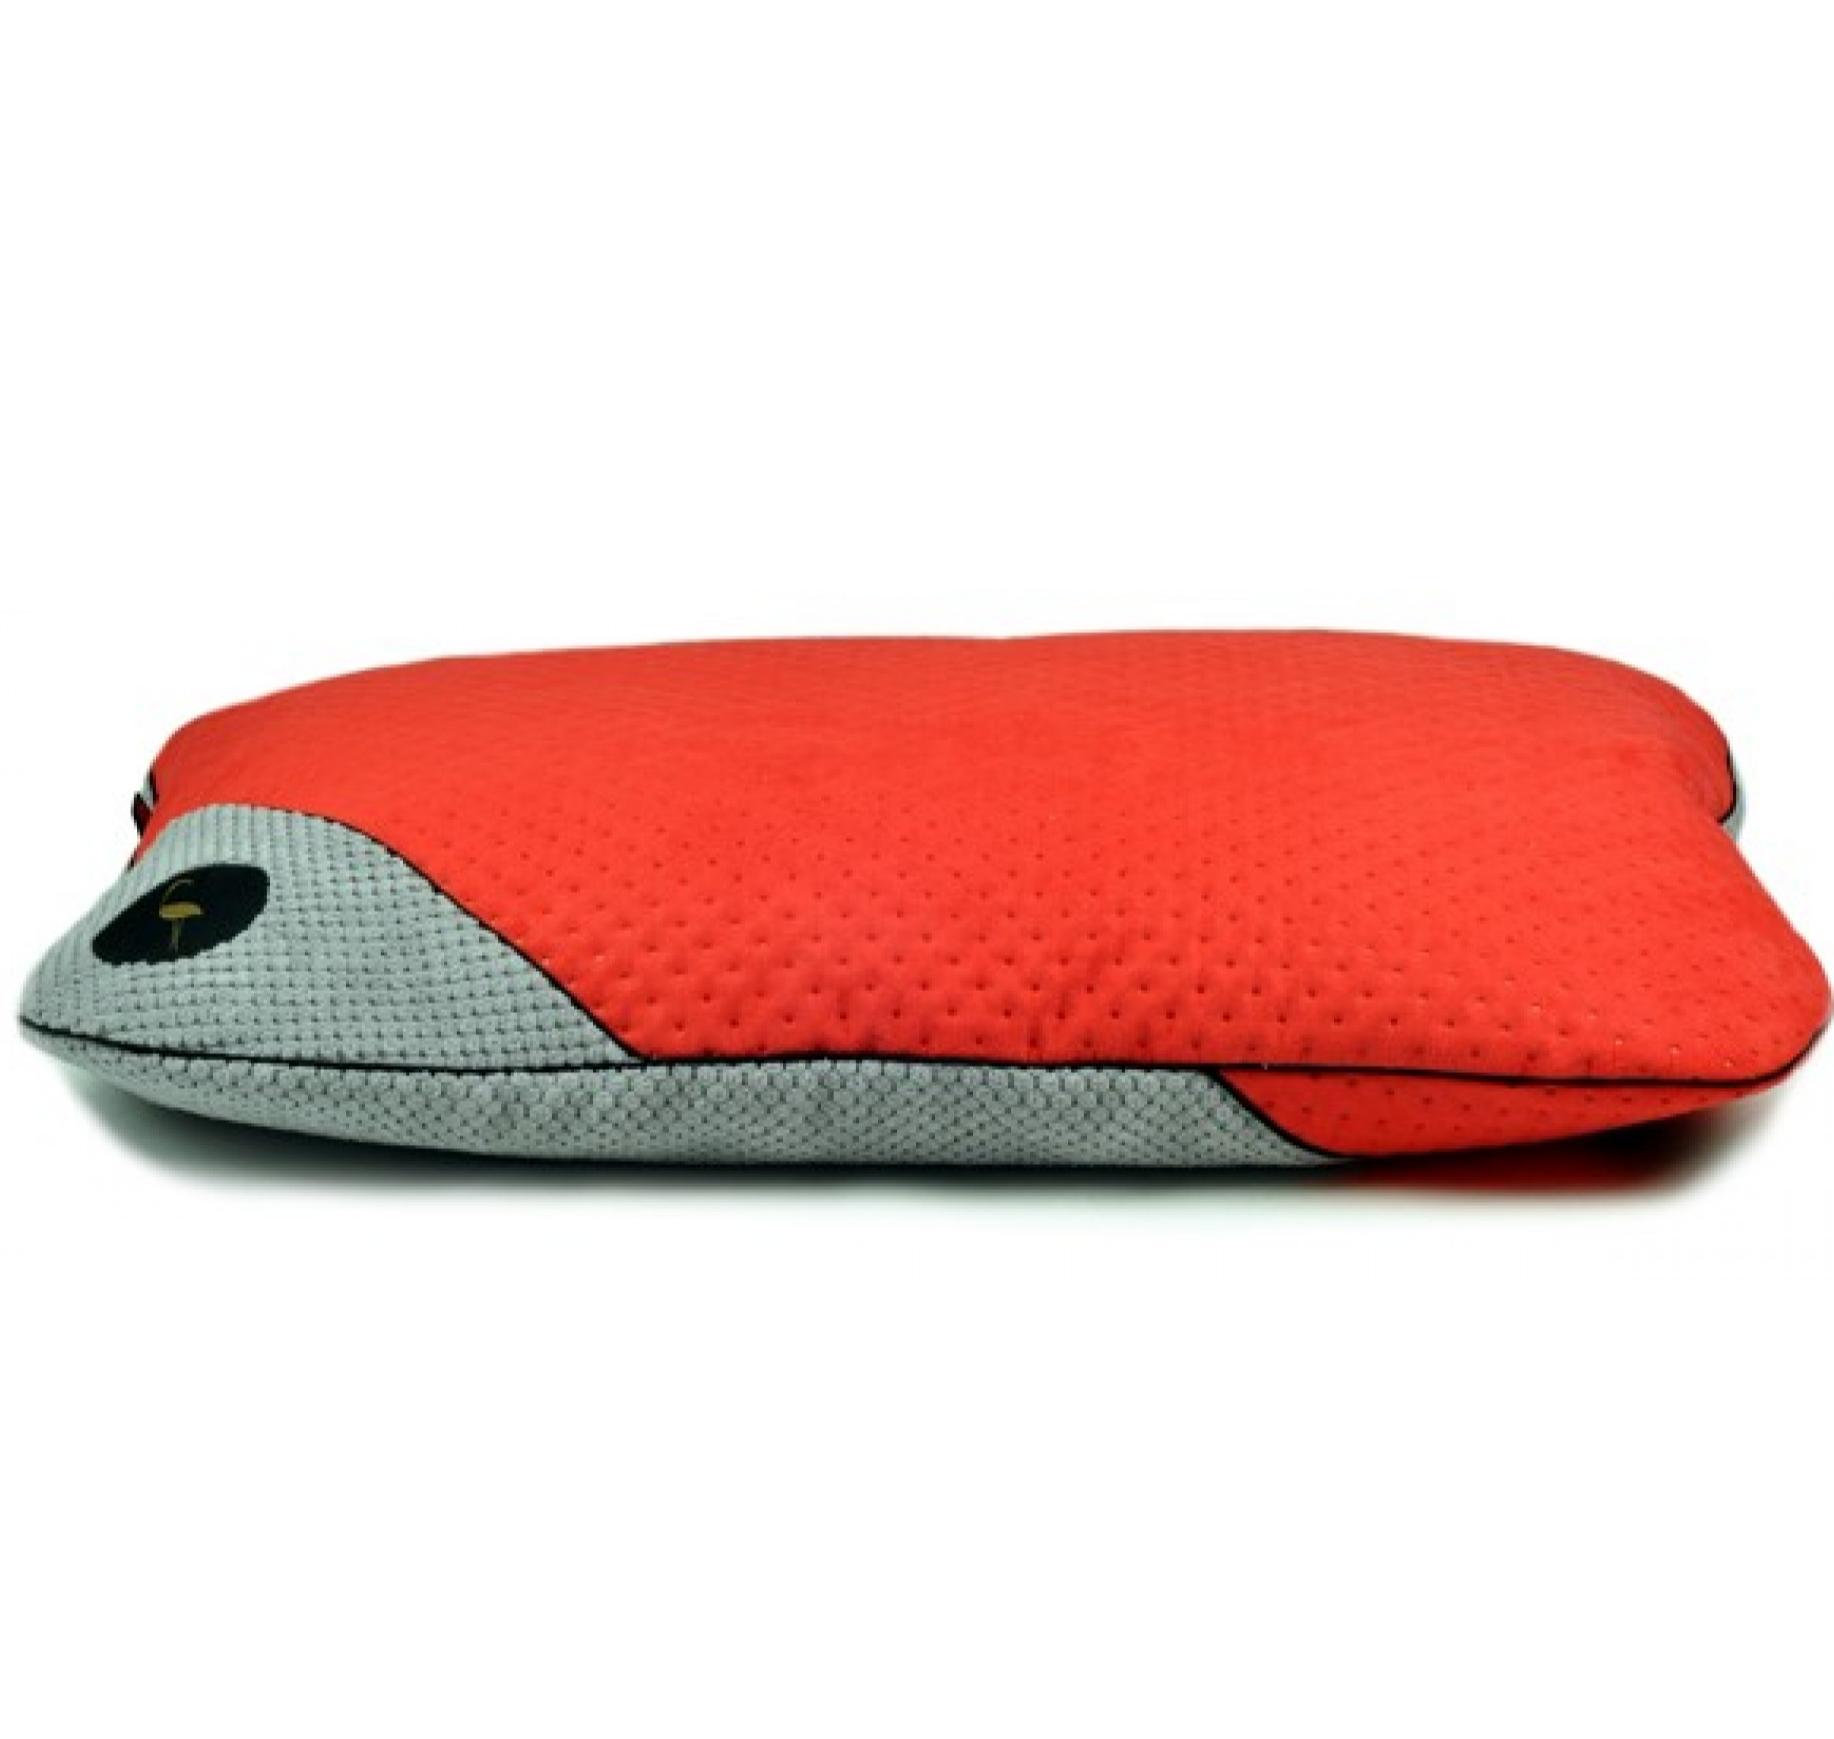 LAUREN design Posłanie FRIDA czerwone pikowane + szare 70/50 cm